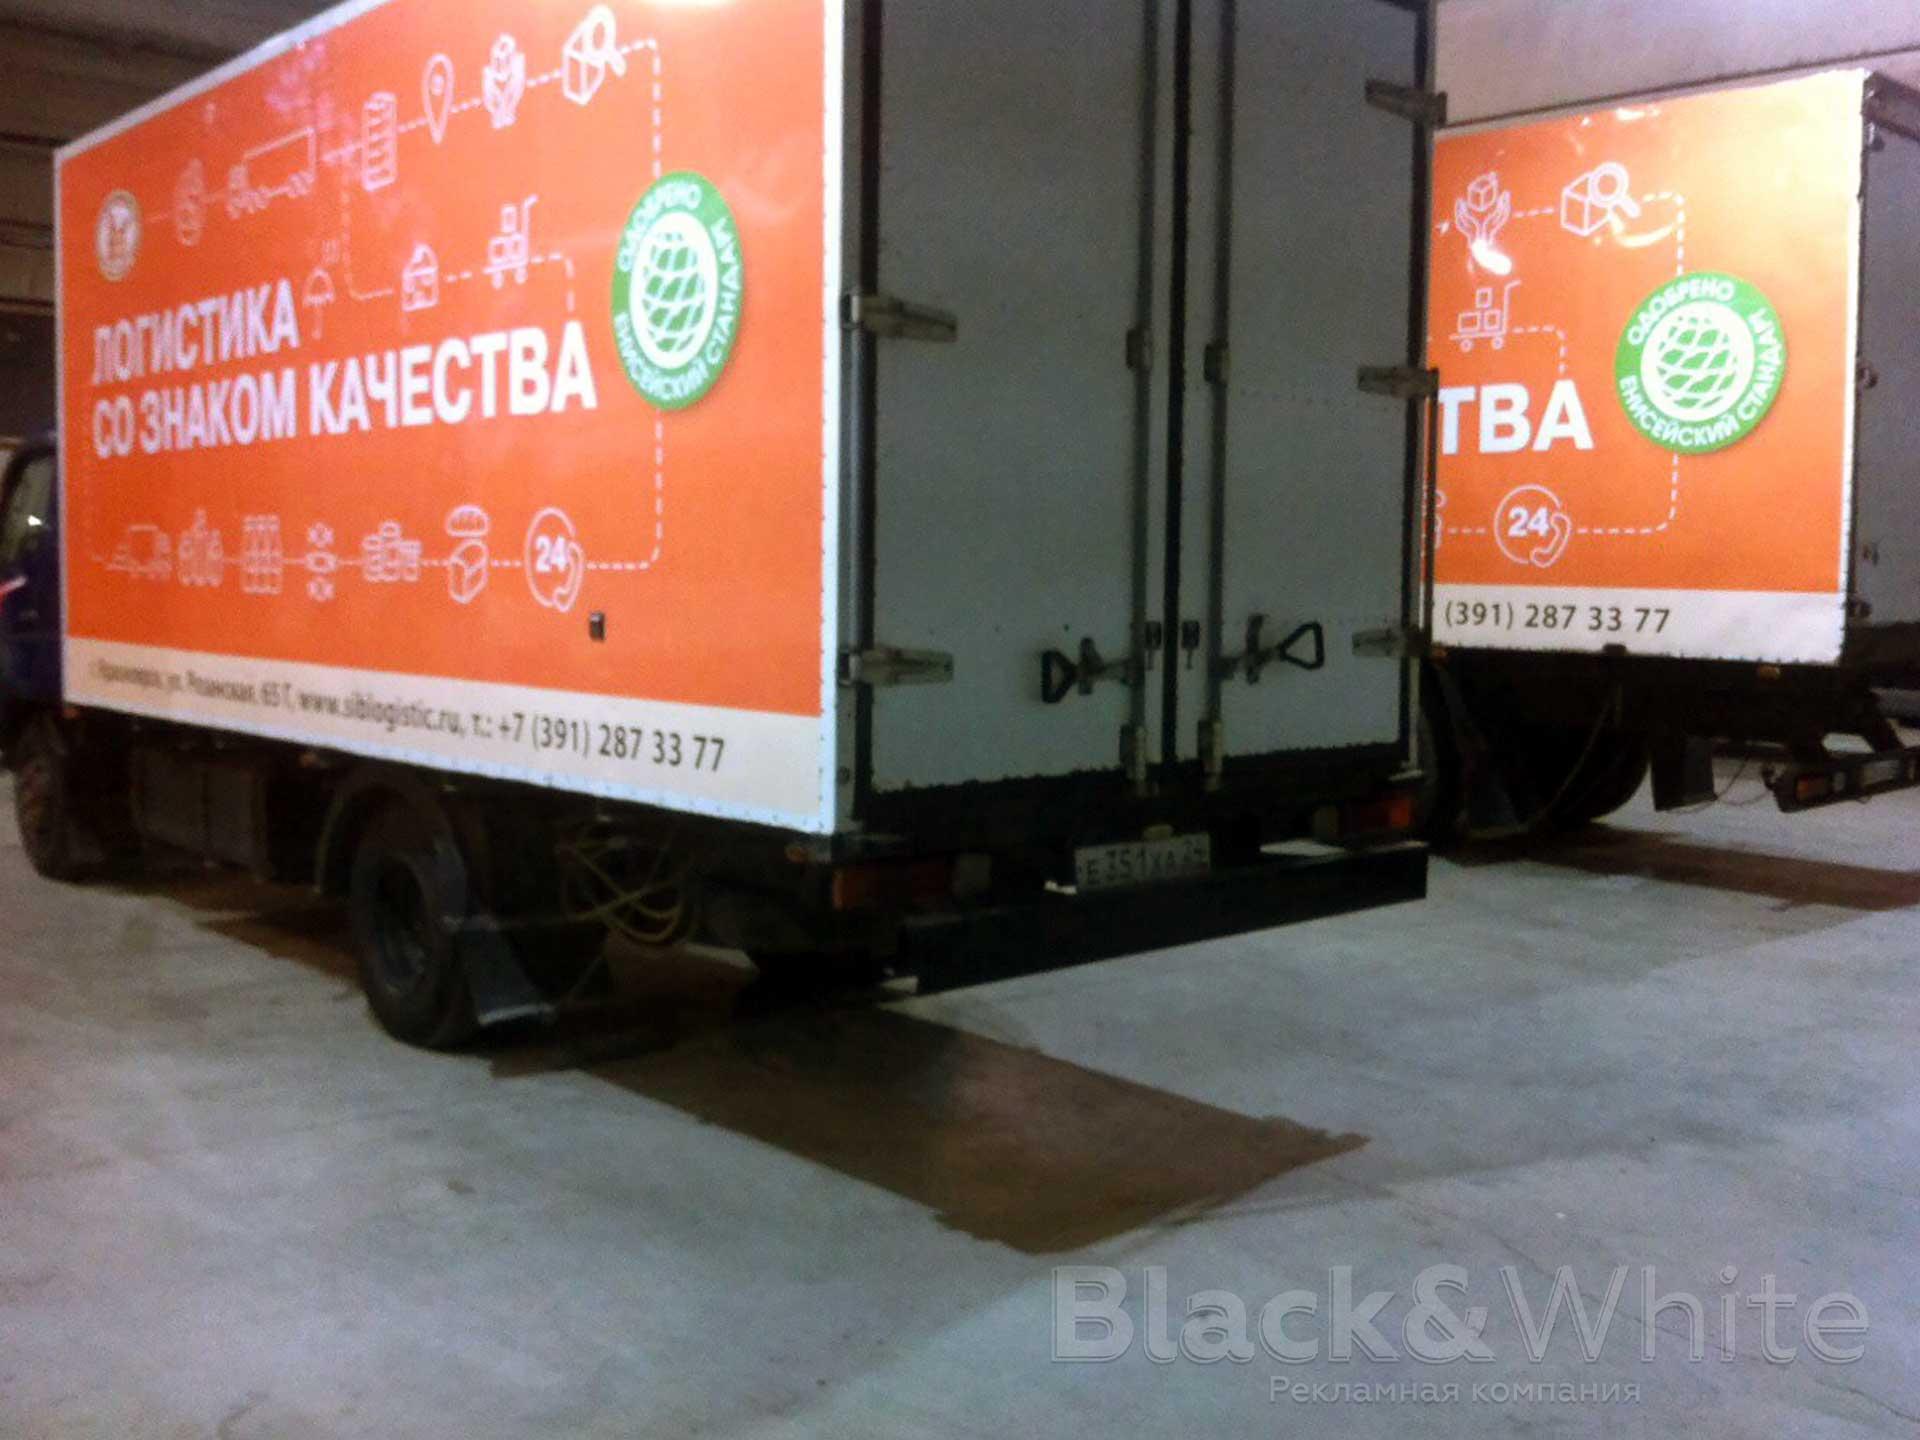 Брендирование-грузовых-автомобилей-виниловой-плёнкой-в-красноярске-Black&White-bw.jpg